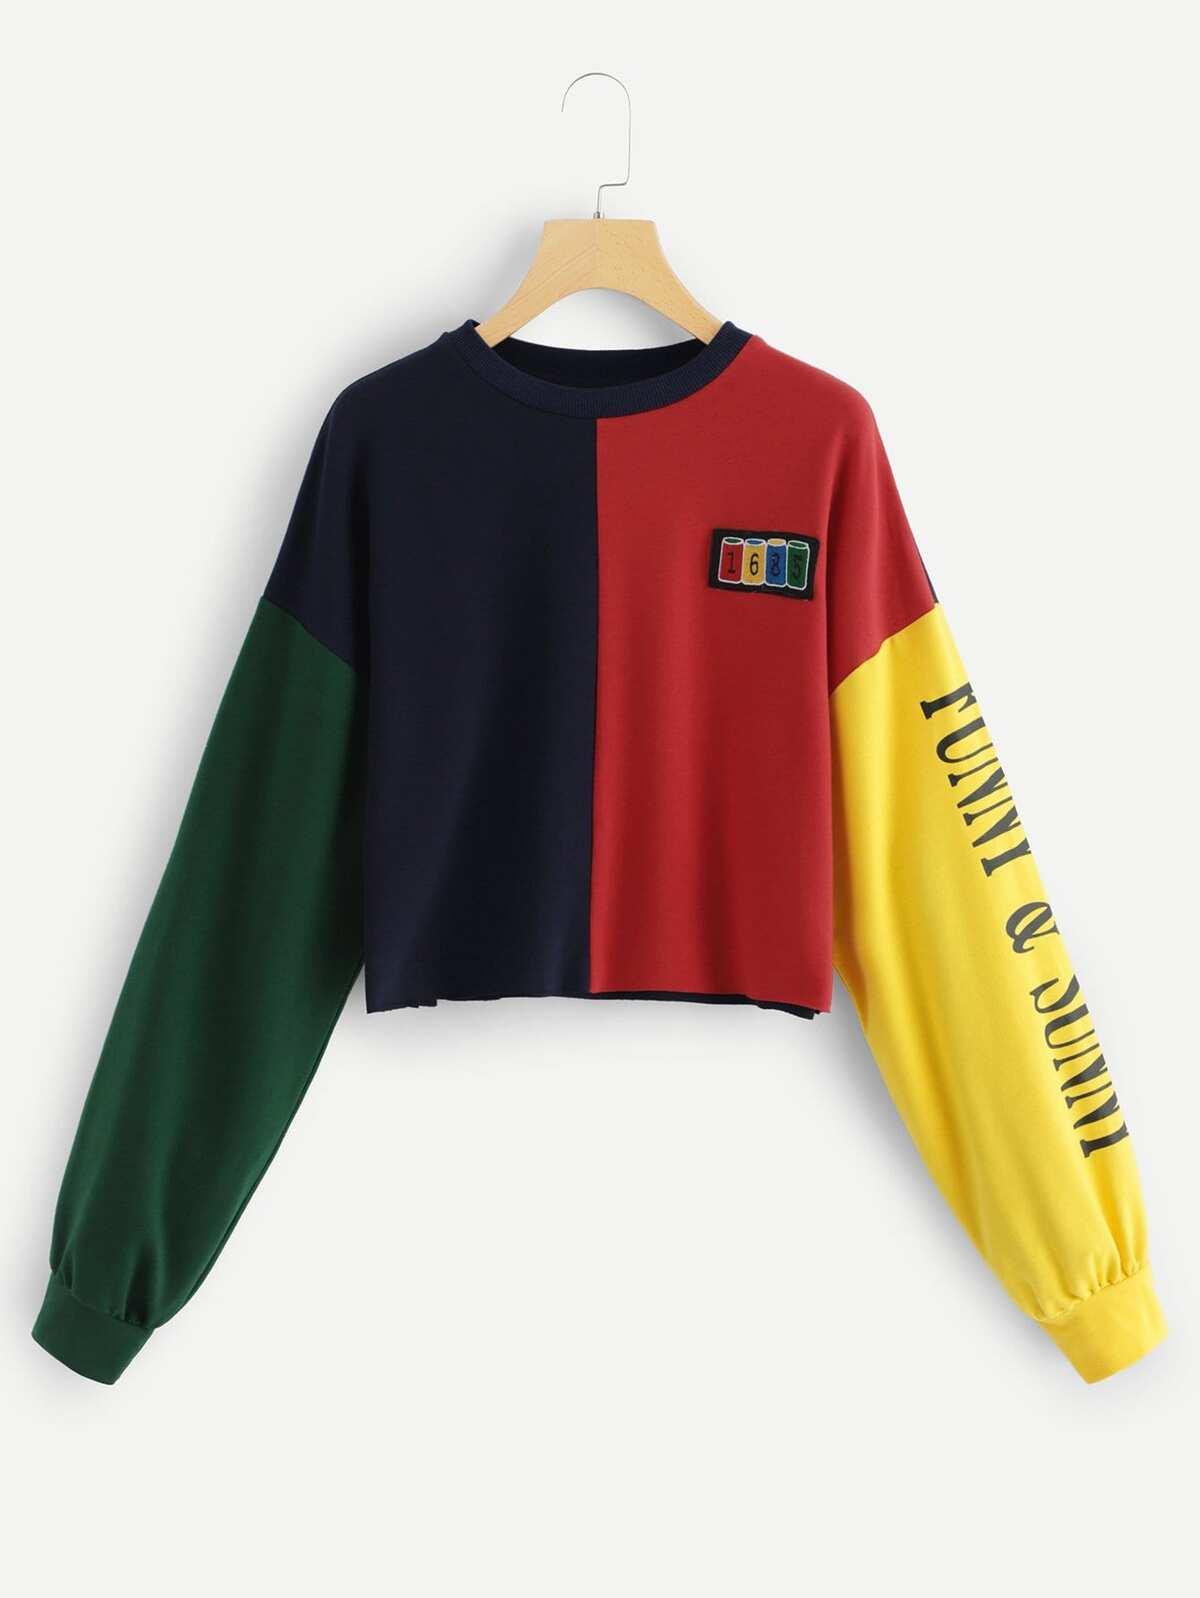 色塊 字母 圖片 T恤衫